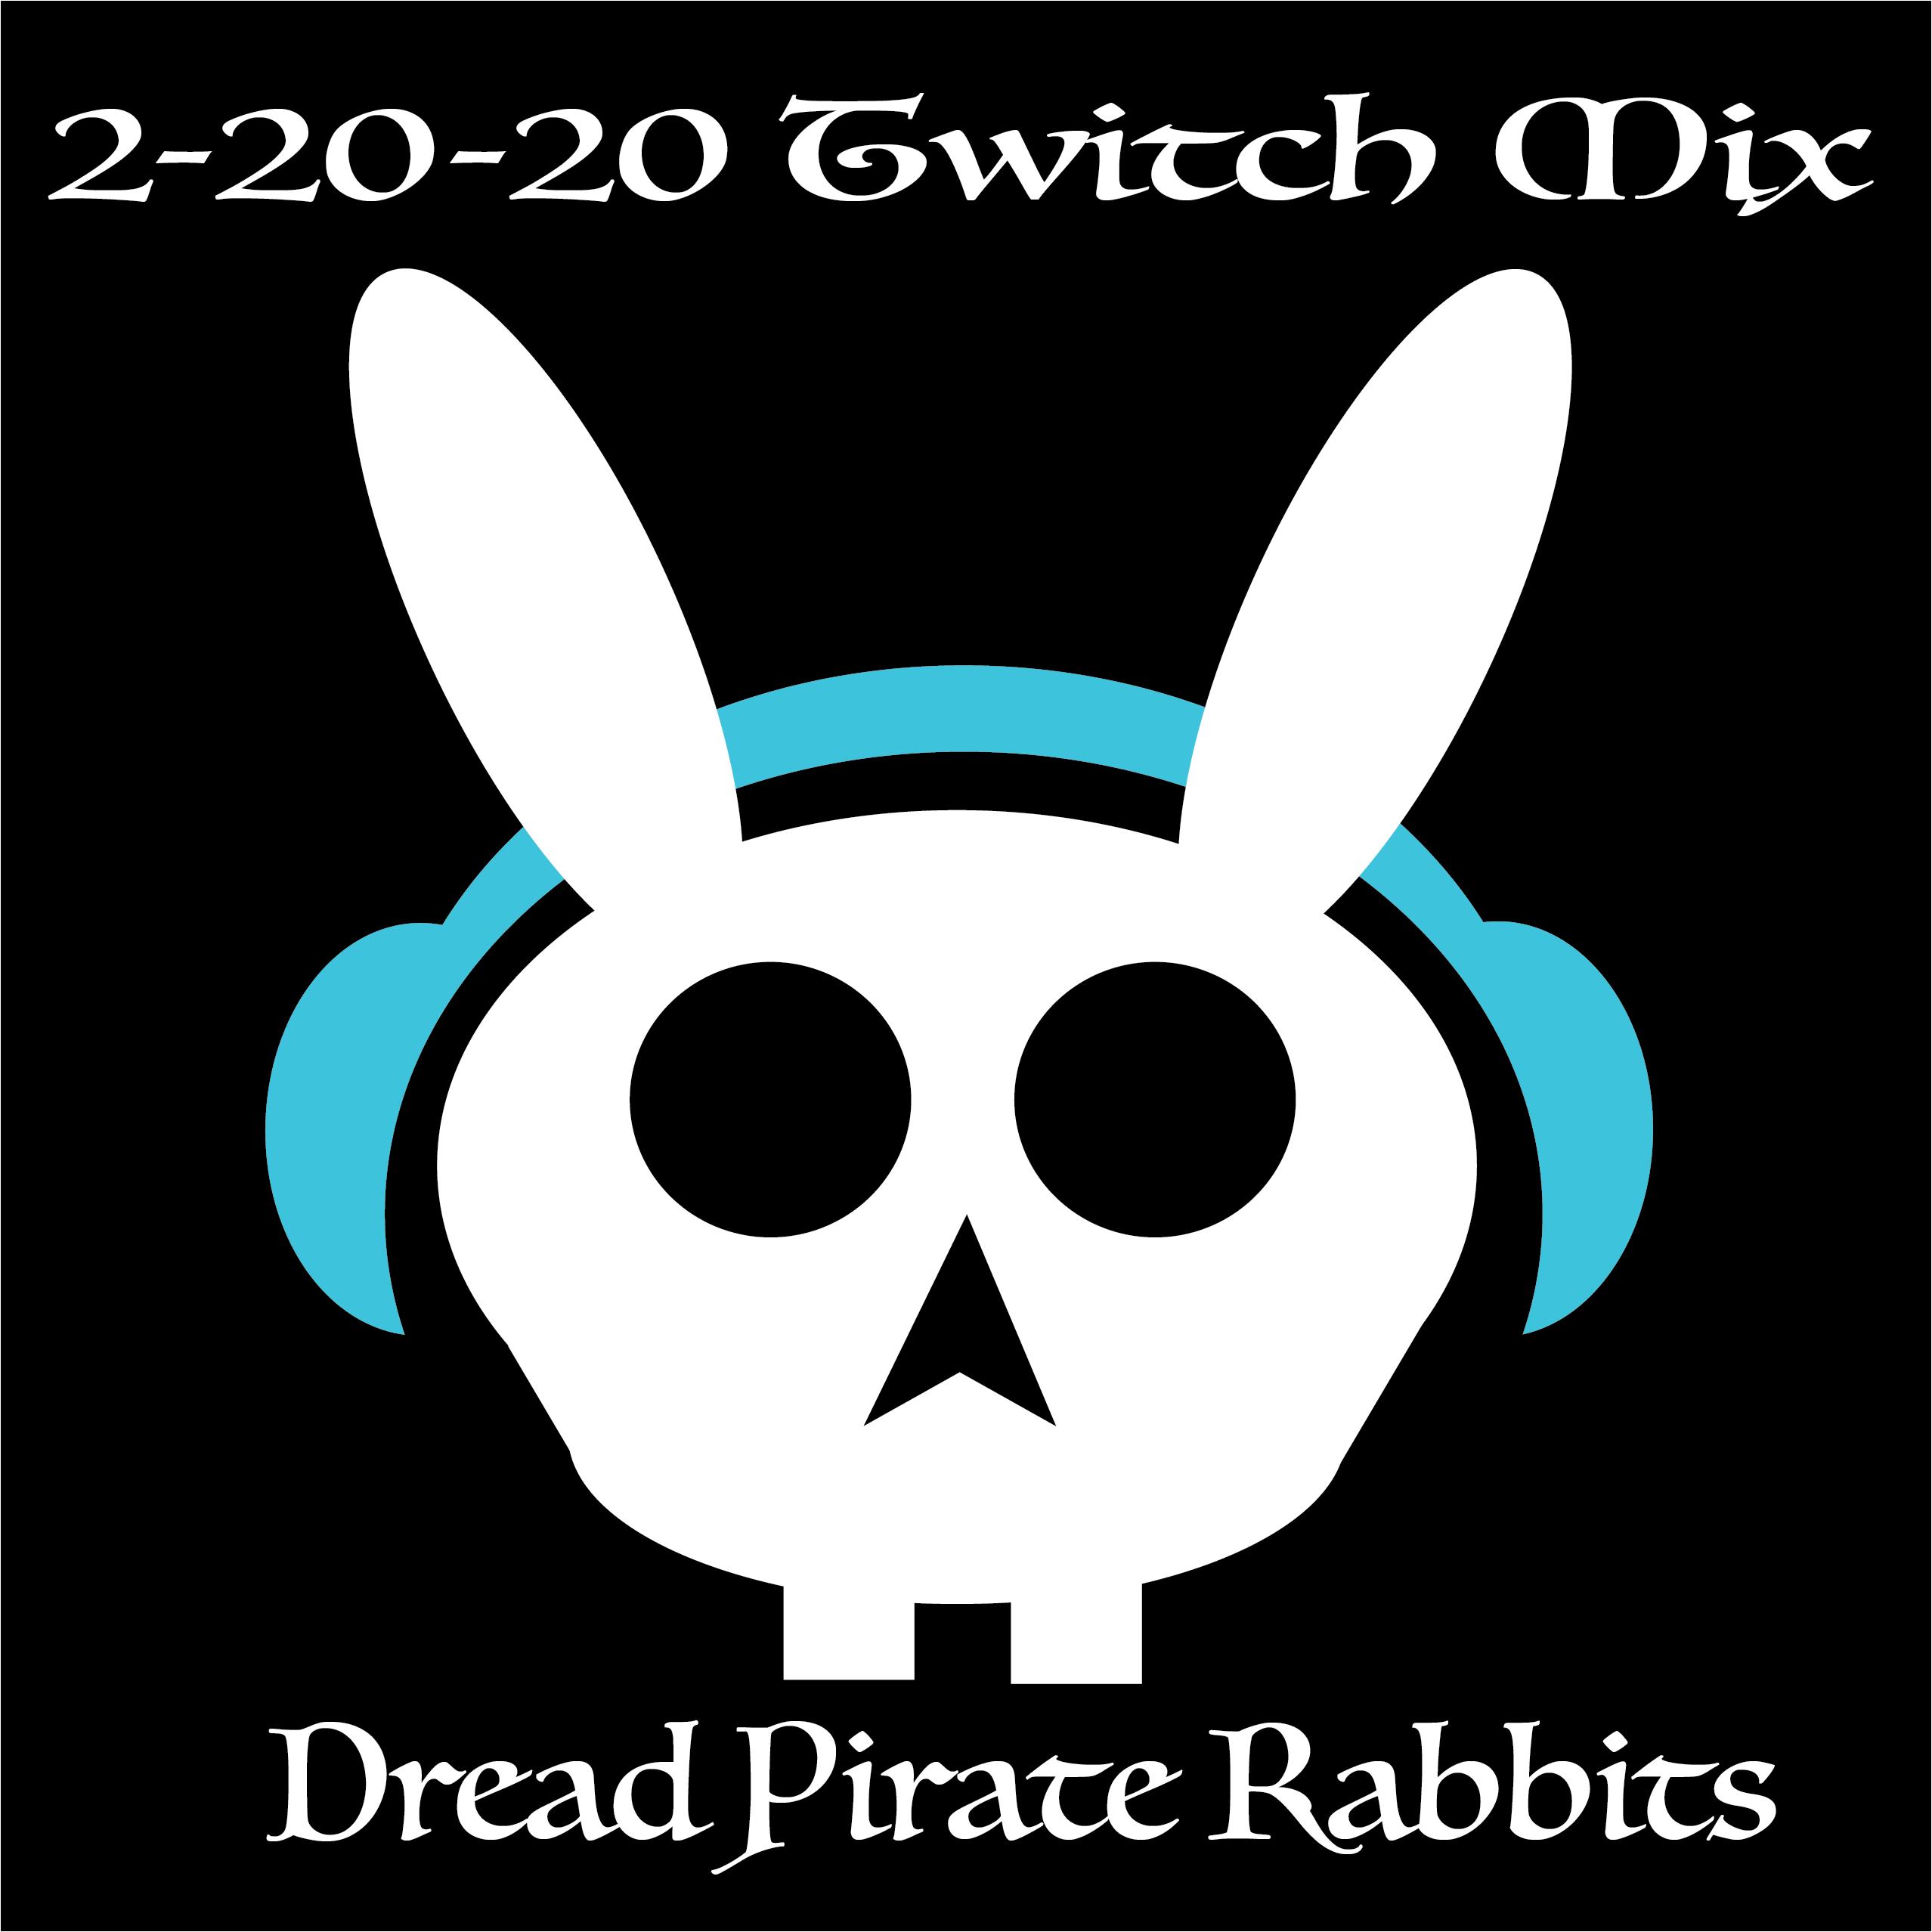 Twitch Stream 2-20-20